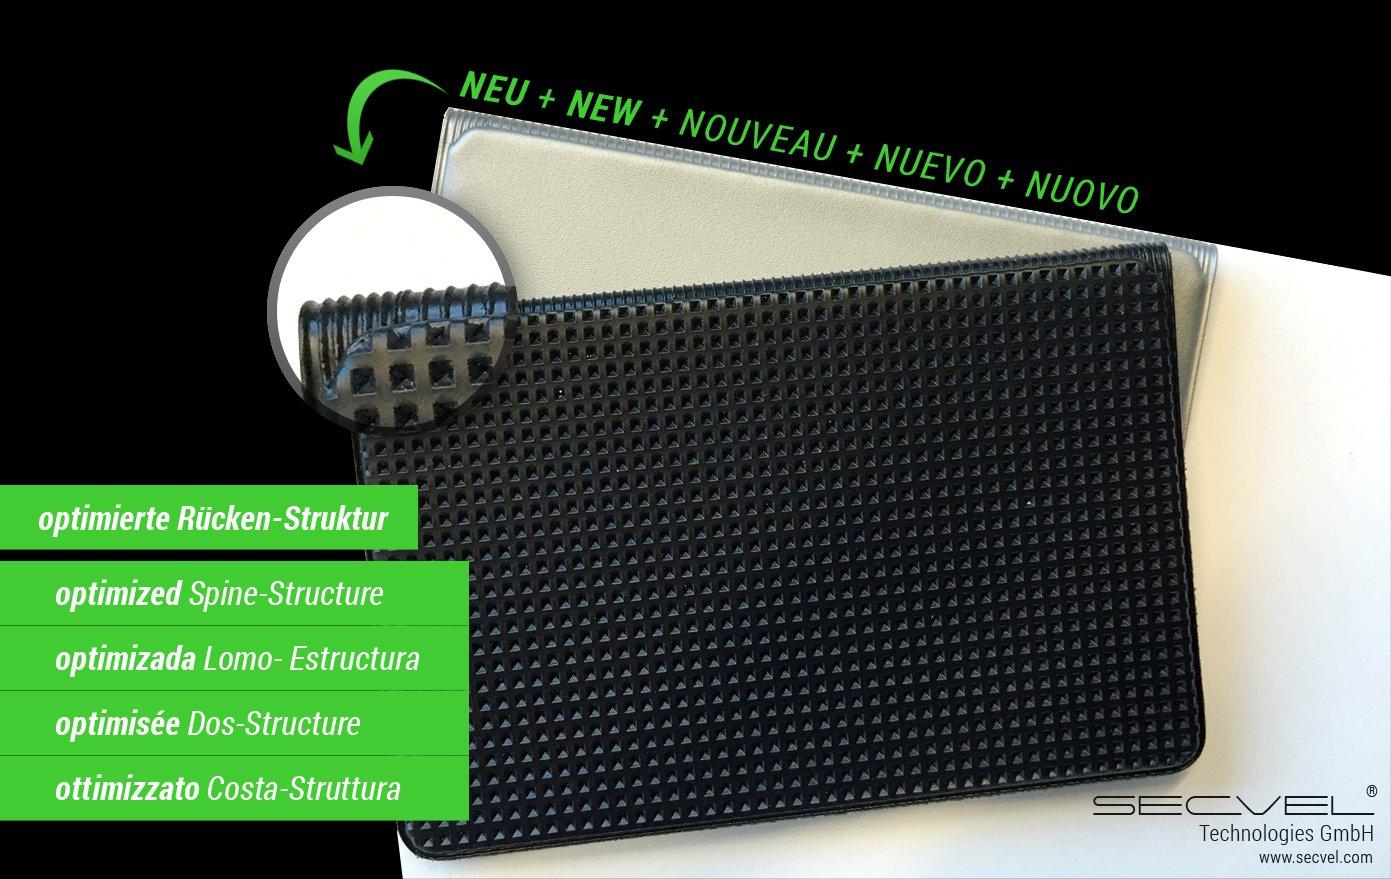 Quattro Silver LeNOUVEAU et AME/´LIORE/´ Porte-cartes premium edition protection RFID//NFC et champs magn/étiques SECVEL